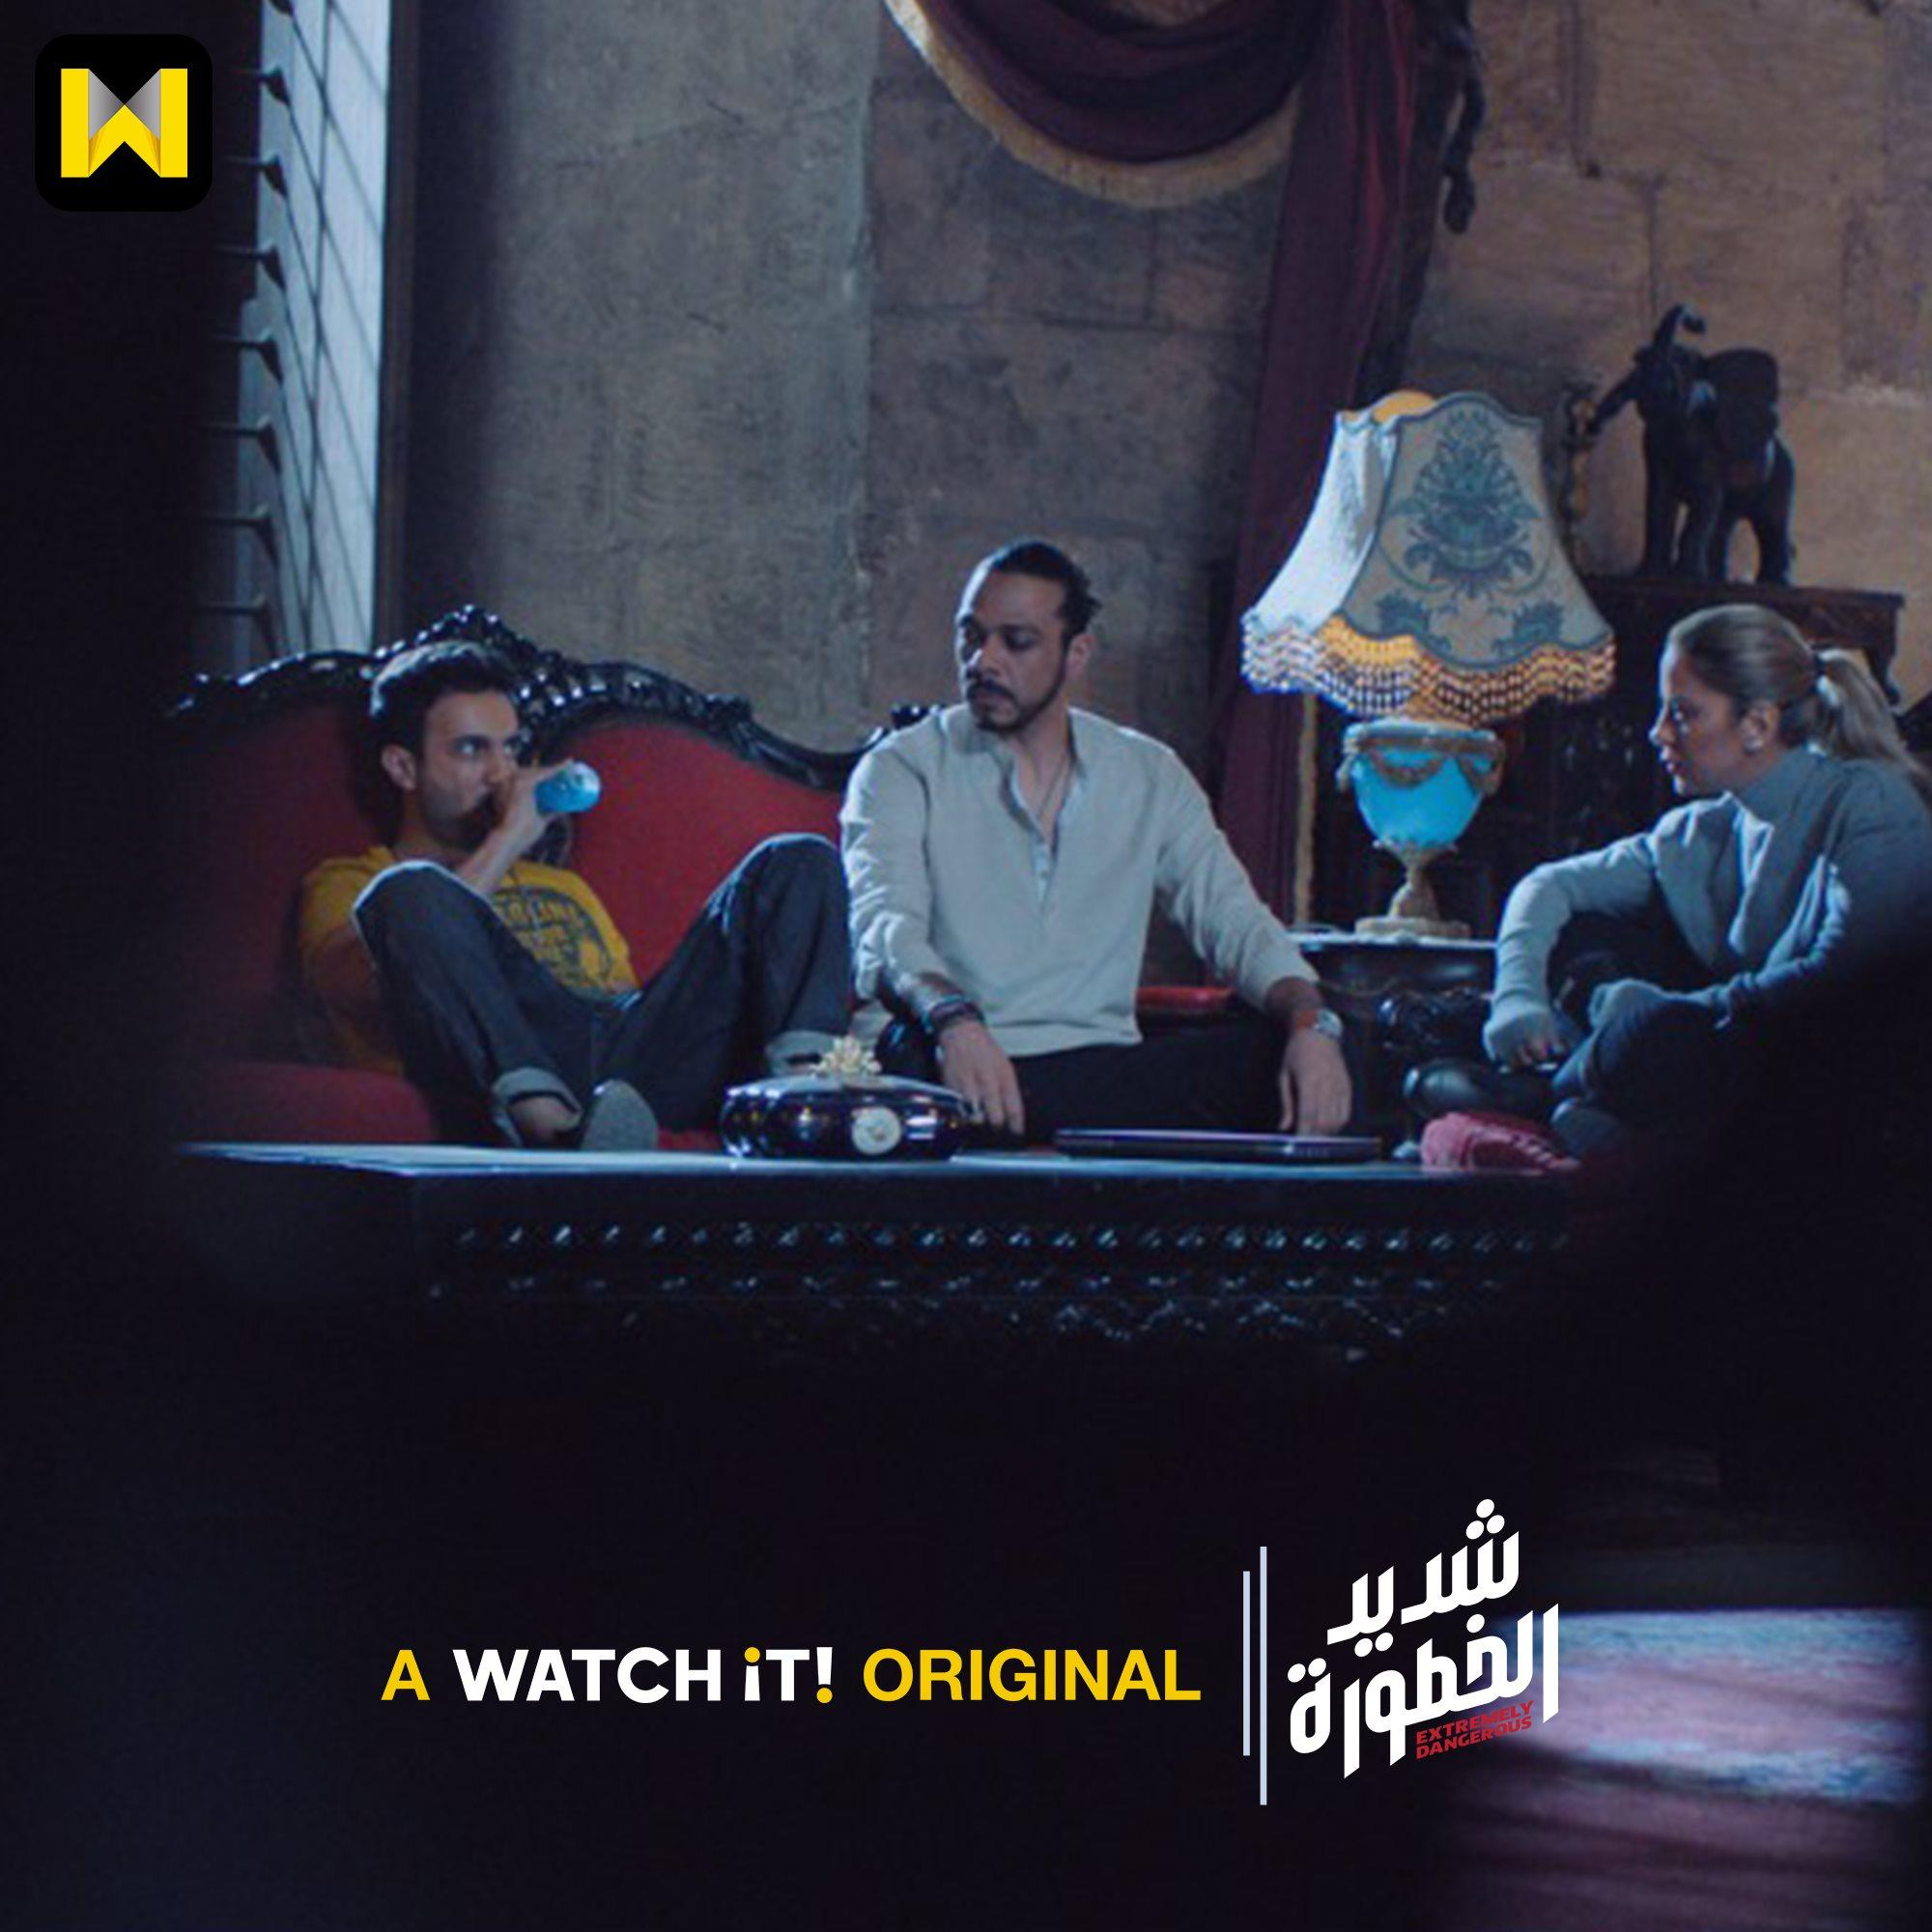 ريم مصطفى مع اخوتها فى الحلقة 4